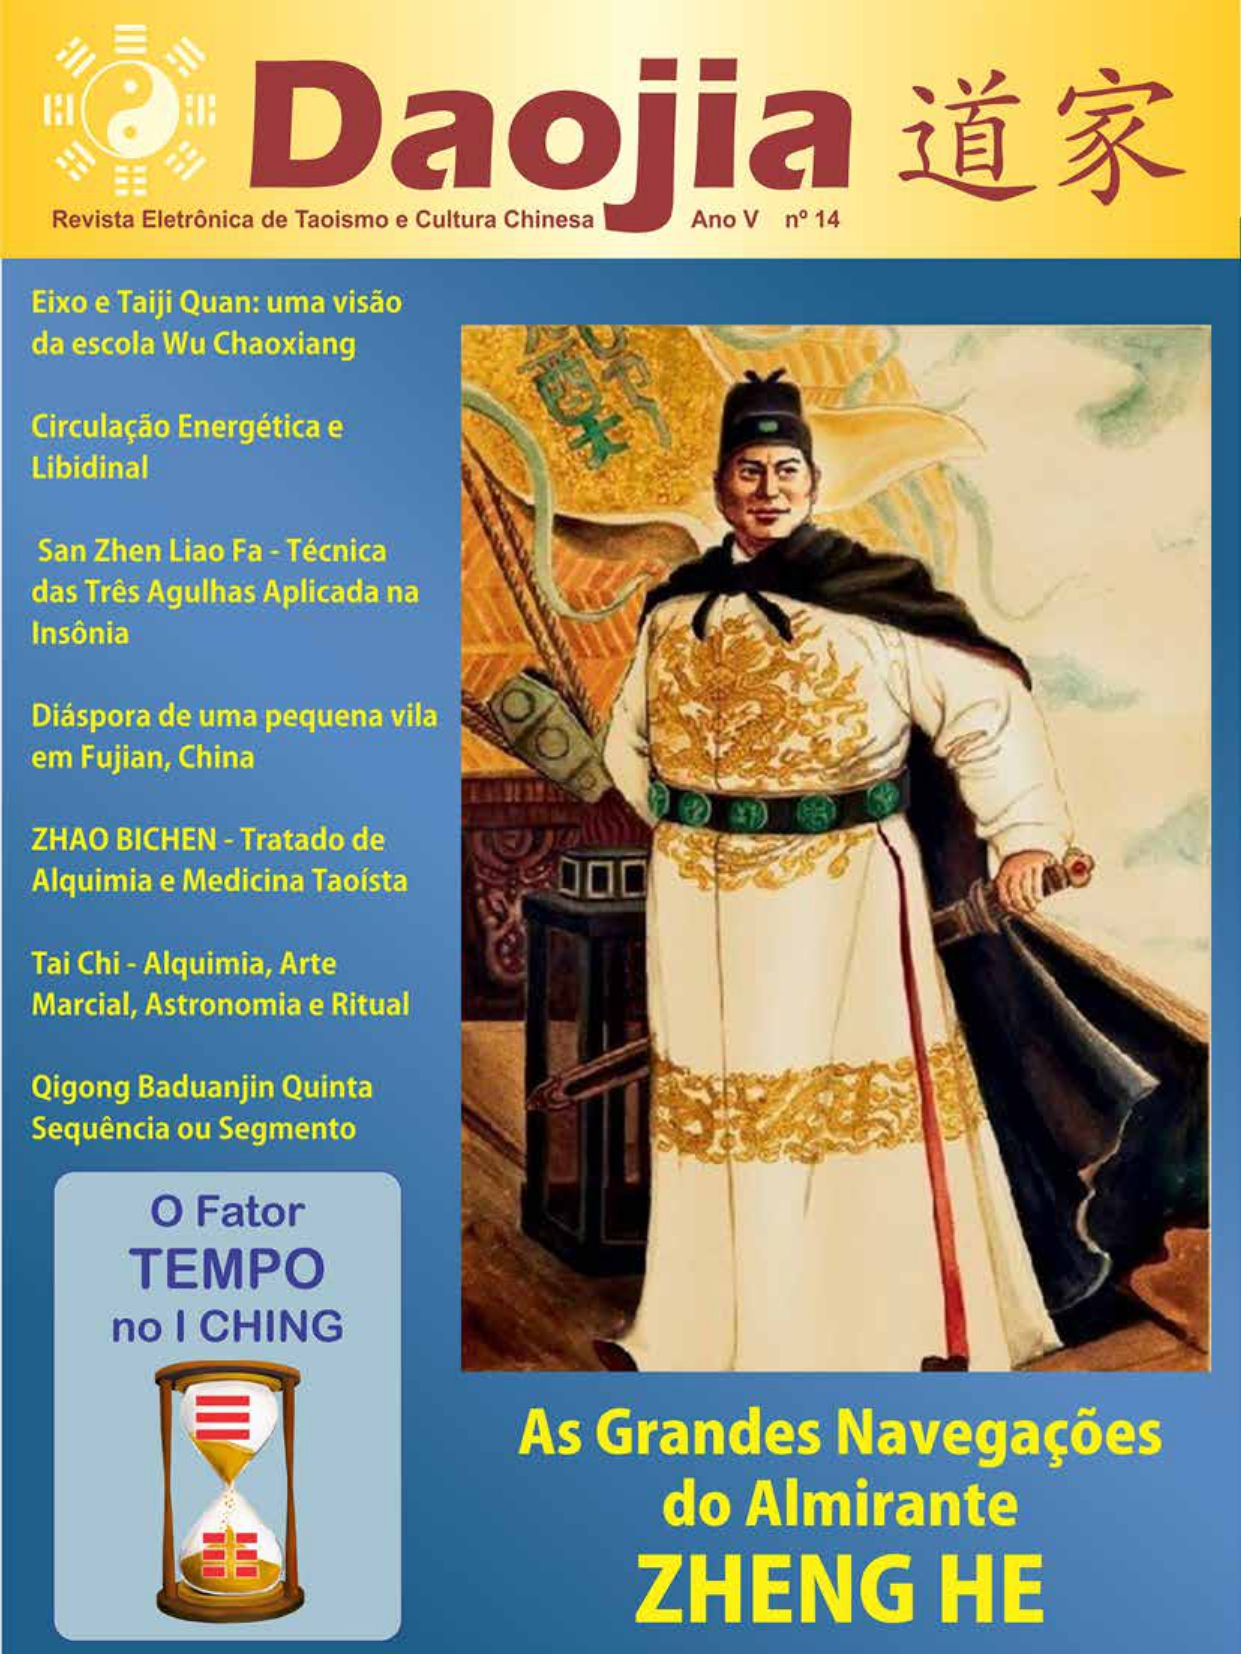 Daojia 14 – Revista Eletrônica de Taoismo e Cultura Chinesa